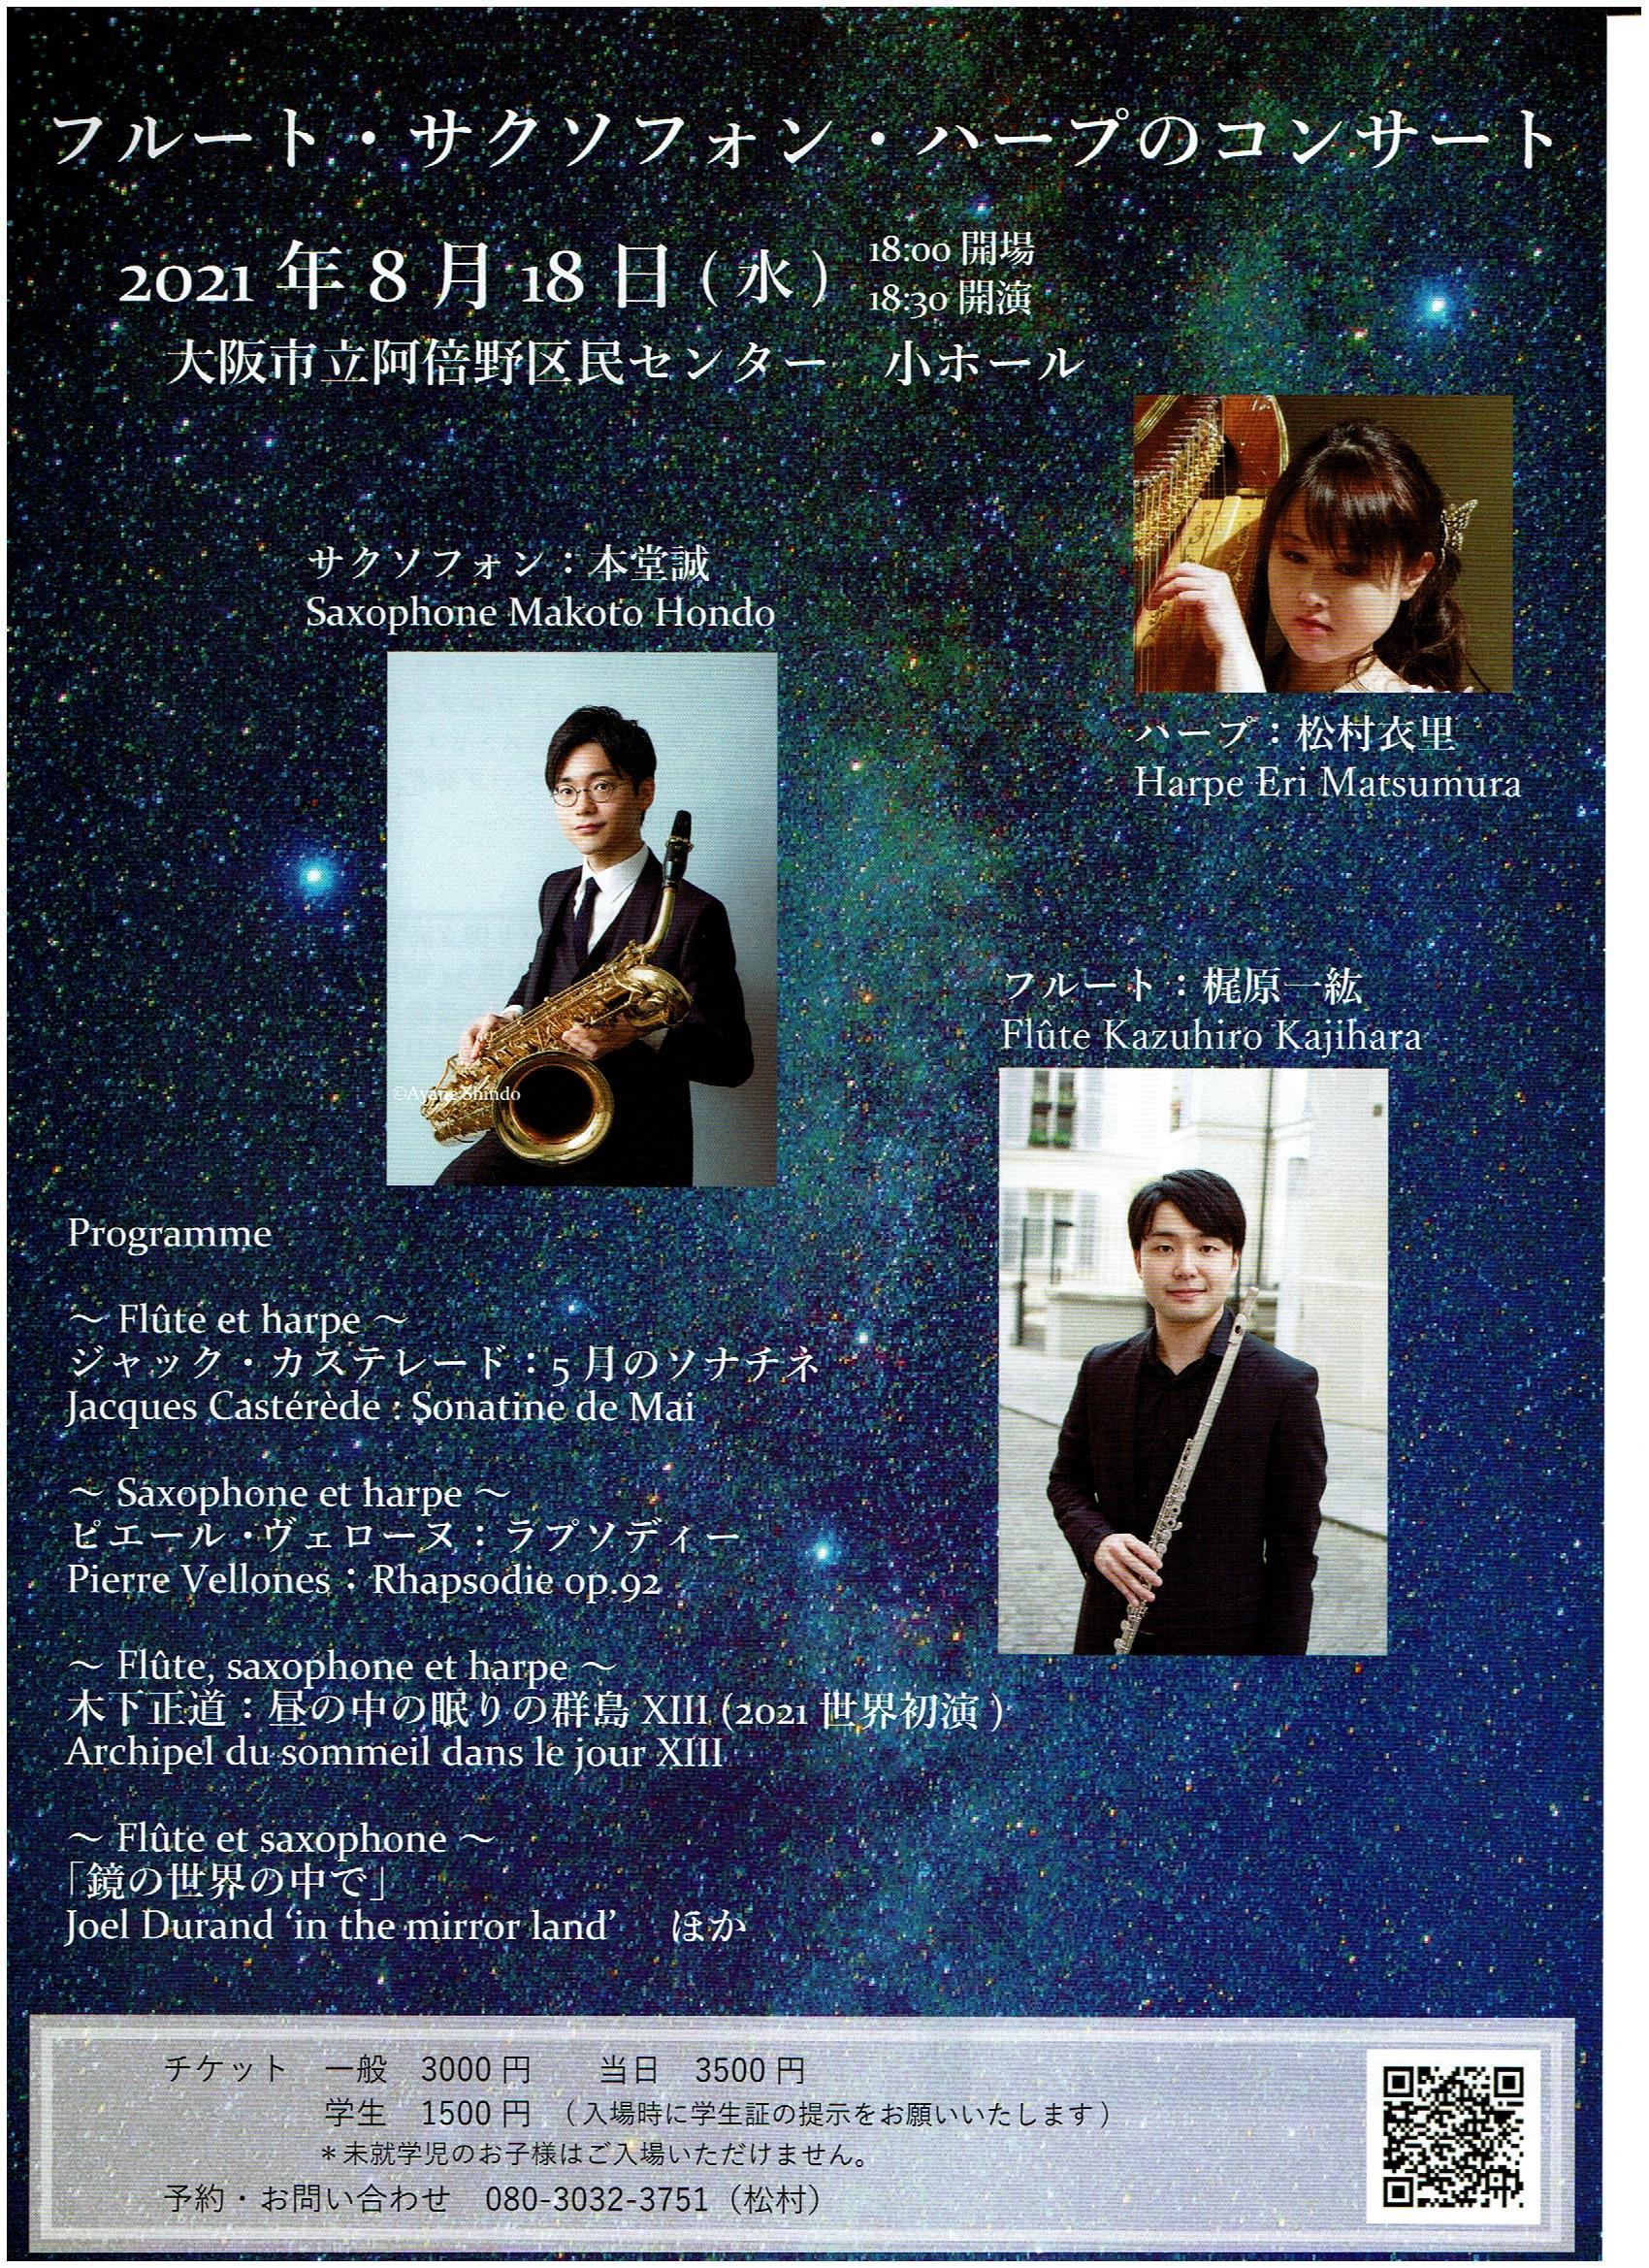 http://felice-ongakuin.com/news/002.jpg